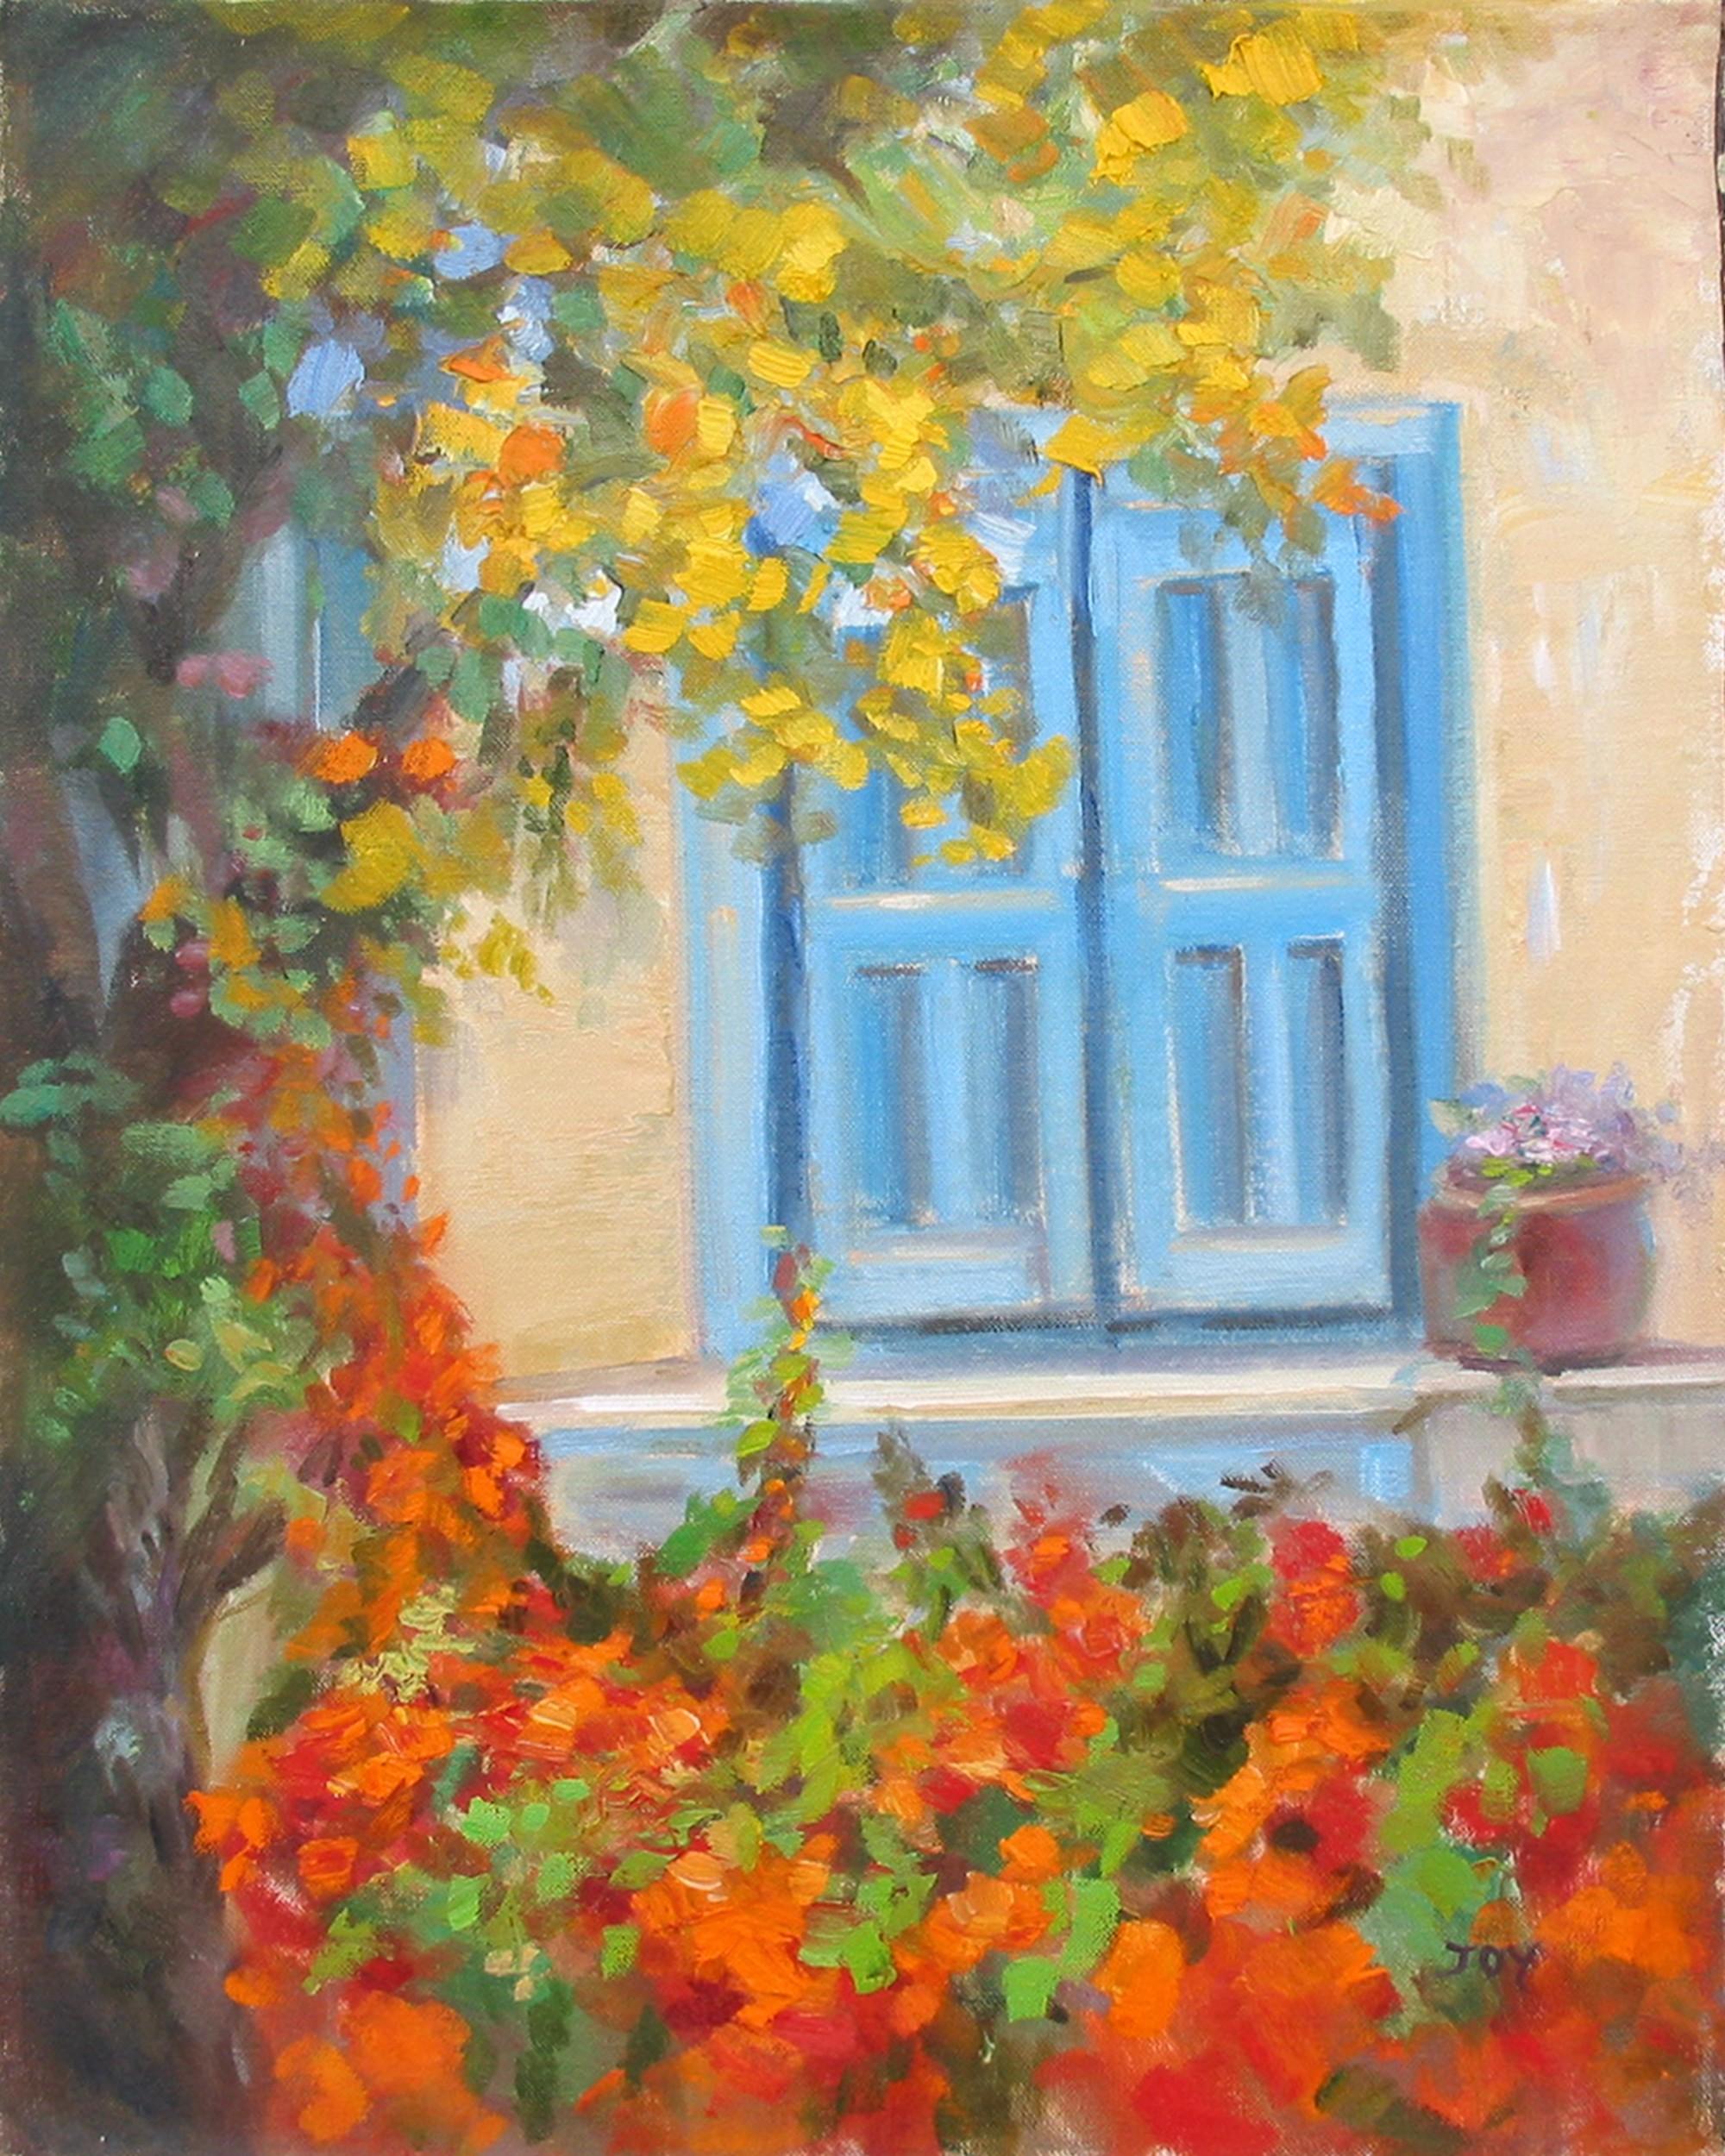 BLUE WINDOW by JOY